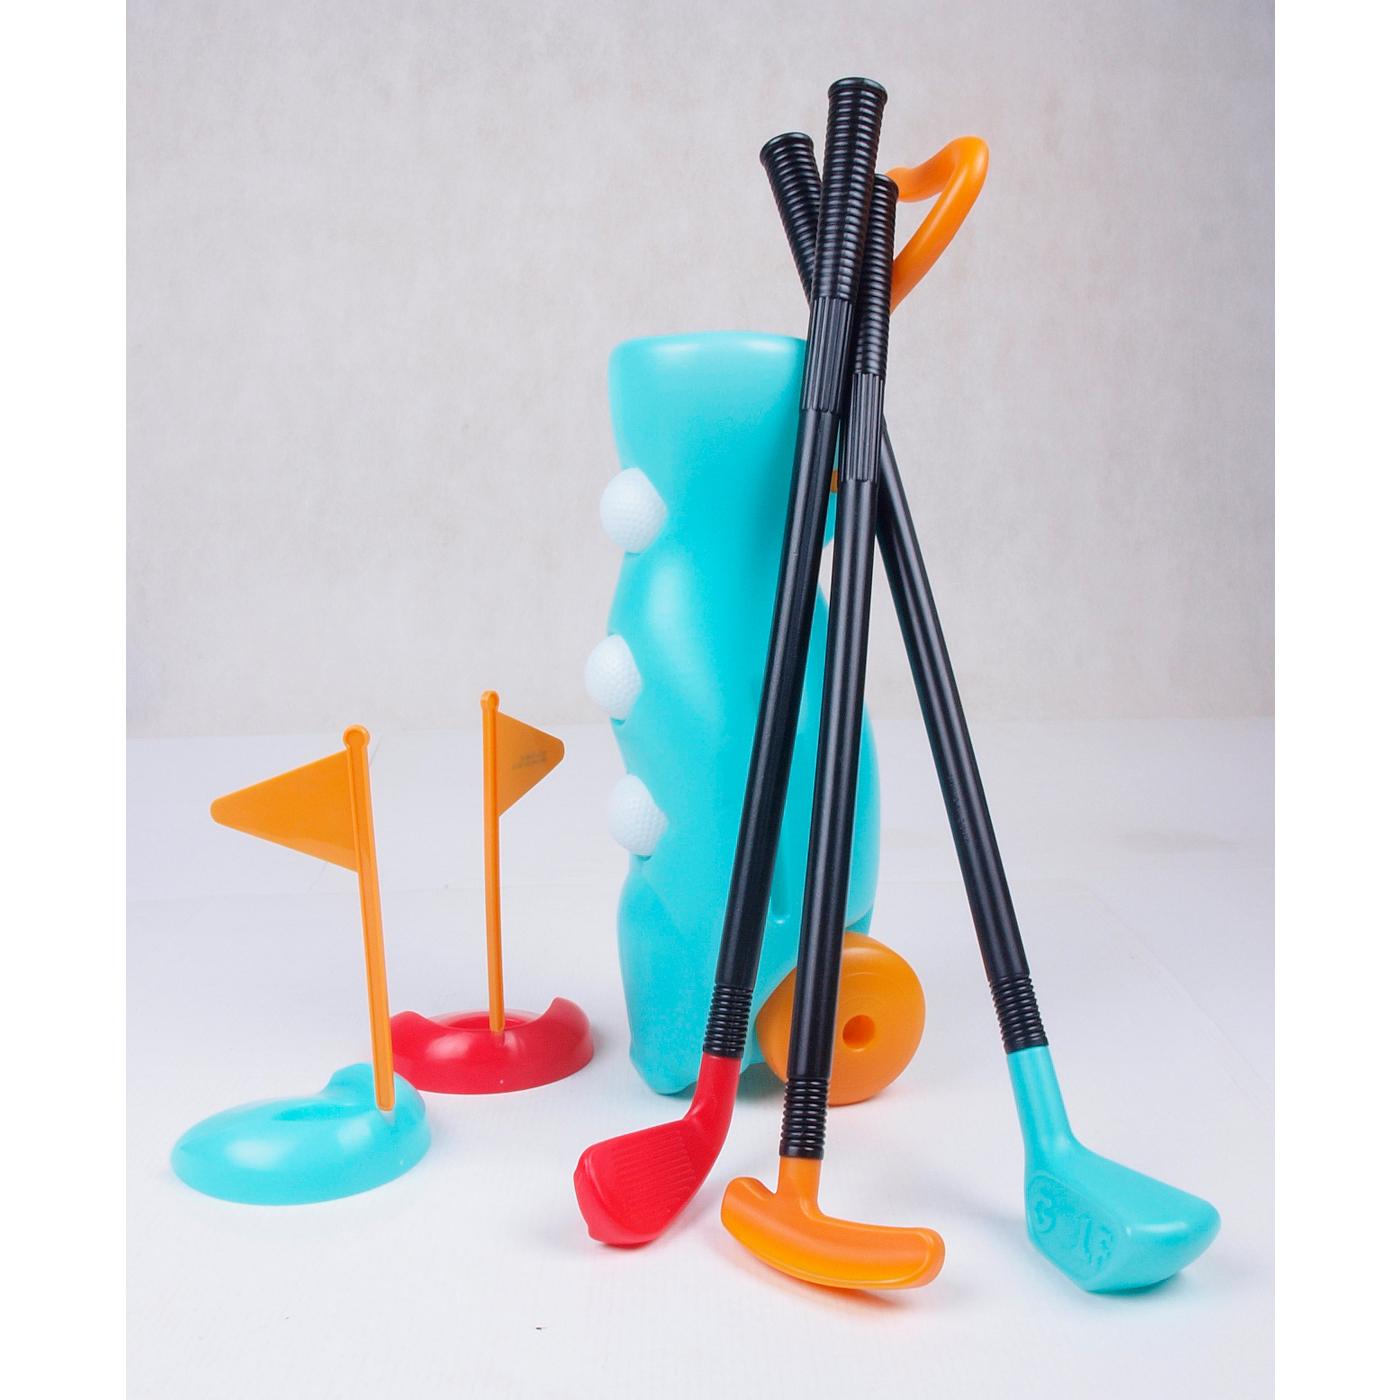 asda childrens golf caddy set 2 in store only hotukdeals. Black Bedroom Furniture Sets. Home Design Ideas